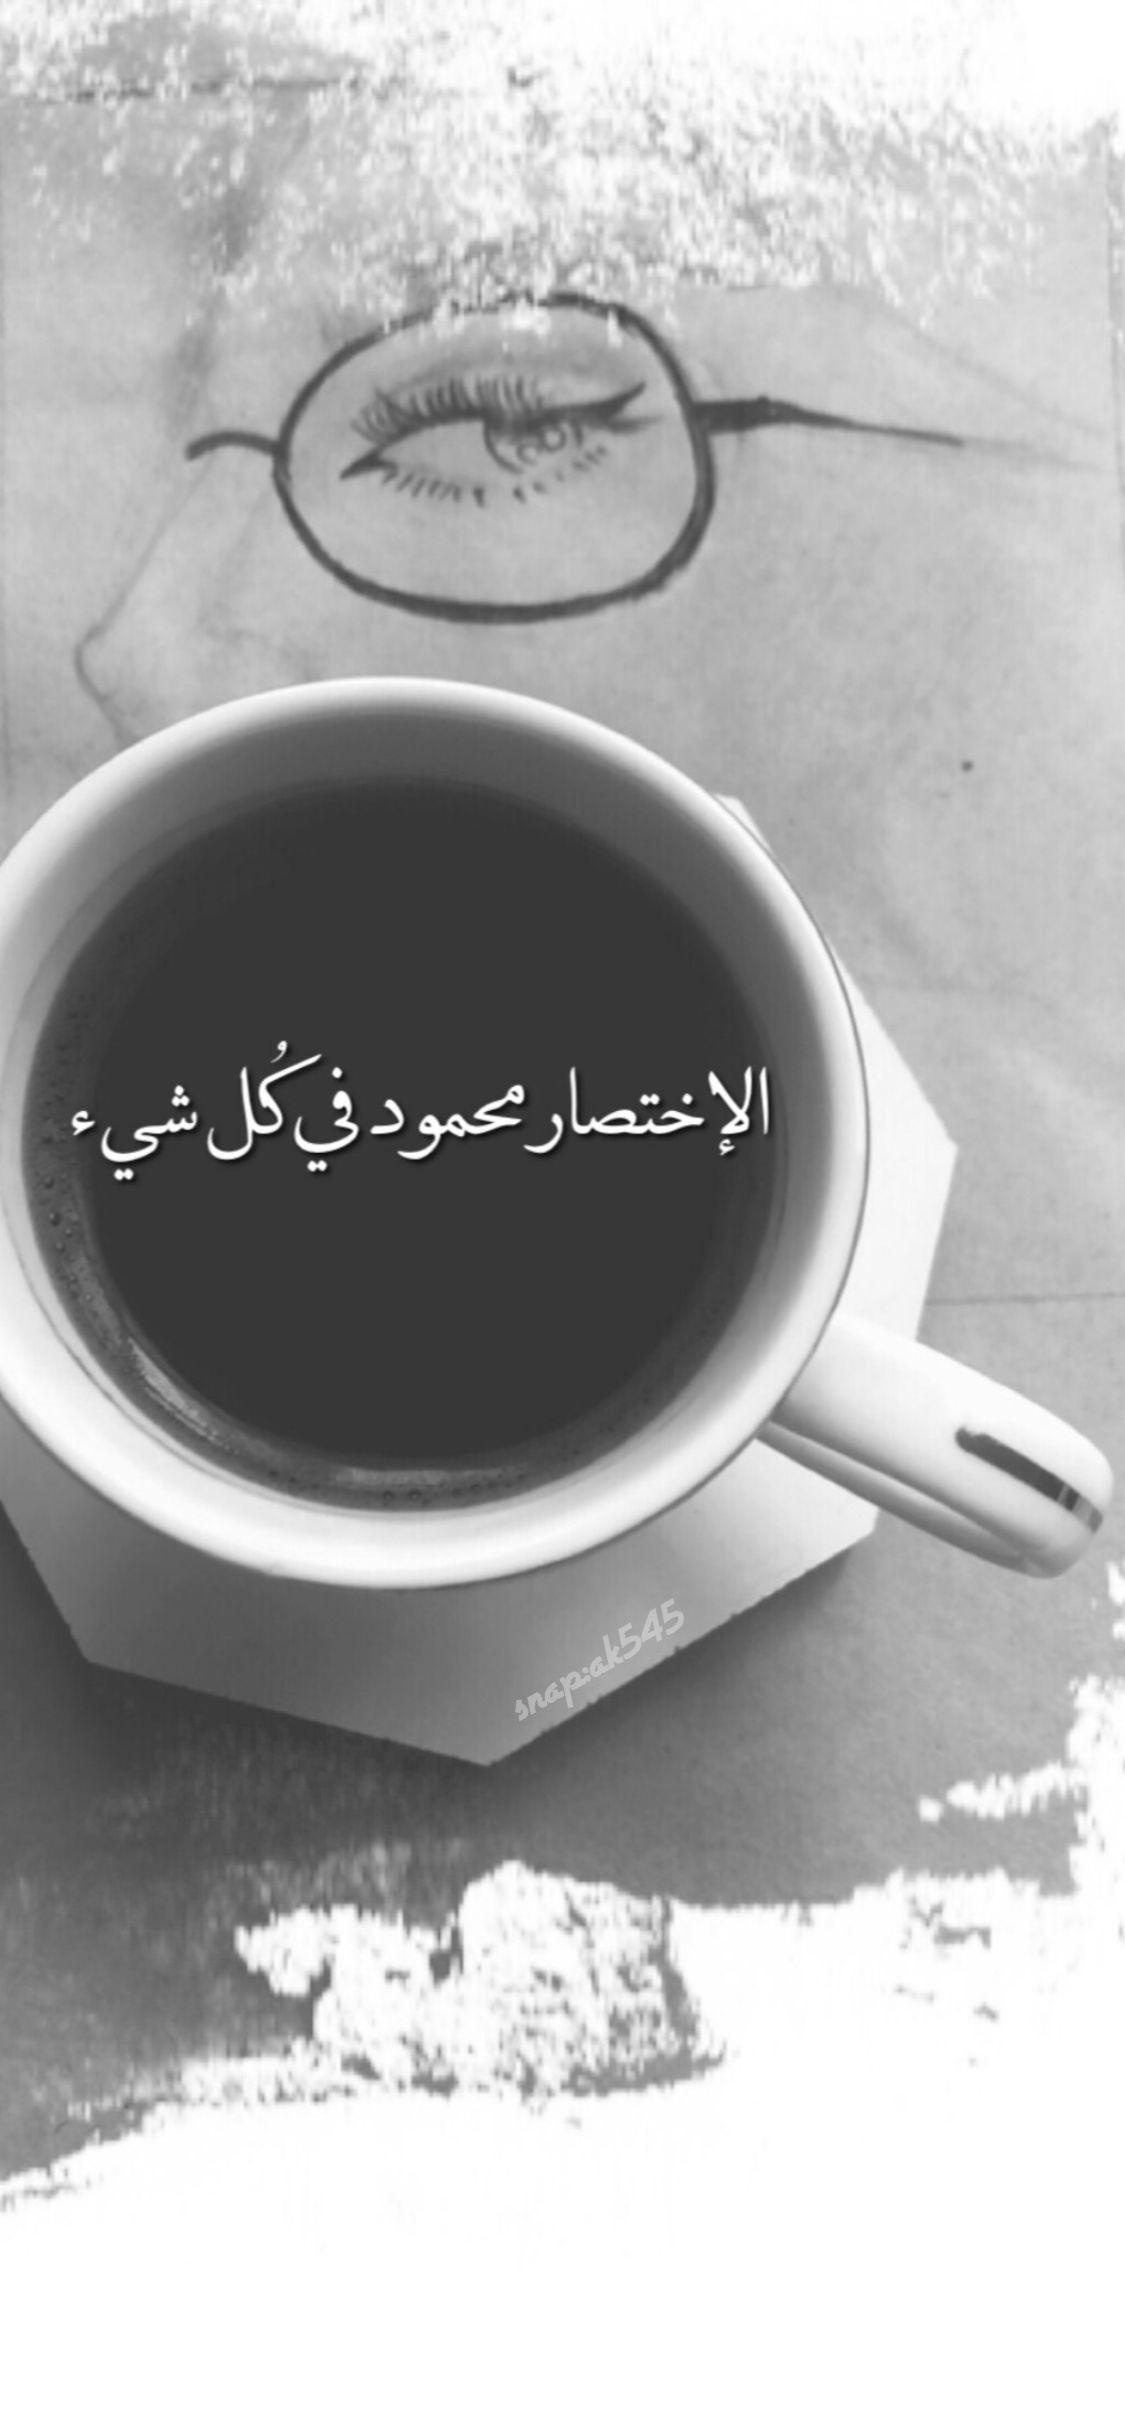 خير الكلام ماقل ودل Spoken Word Poetry Spoken Word Poetry Poems Poetry Poem